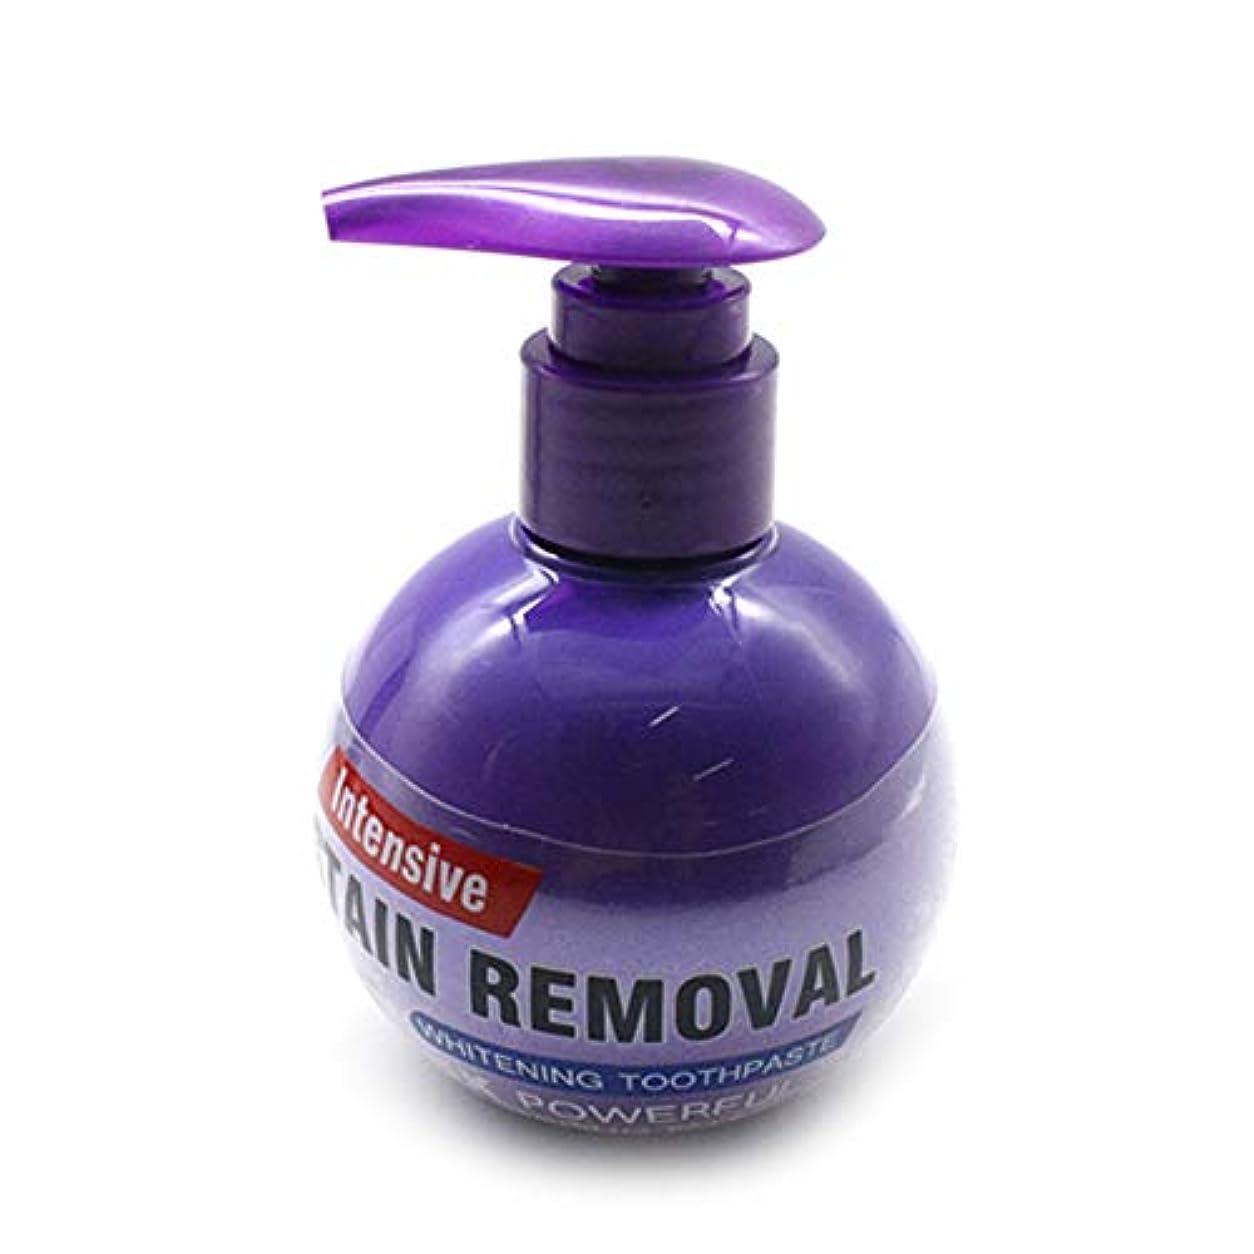 輪郭合意カメBeaurtty強力な洗剤、新しい歯磨き粉の美白、抗出血ガム、歯磨き粉、歯